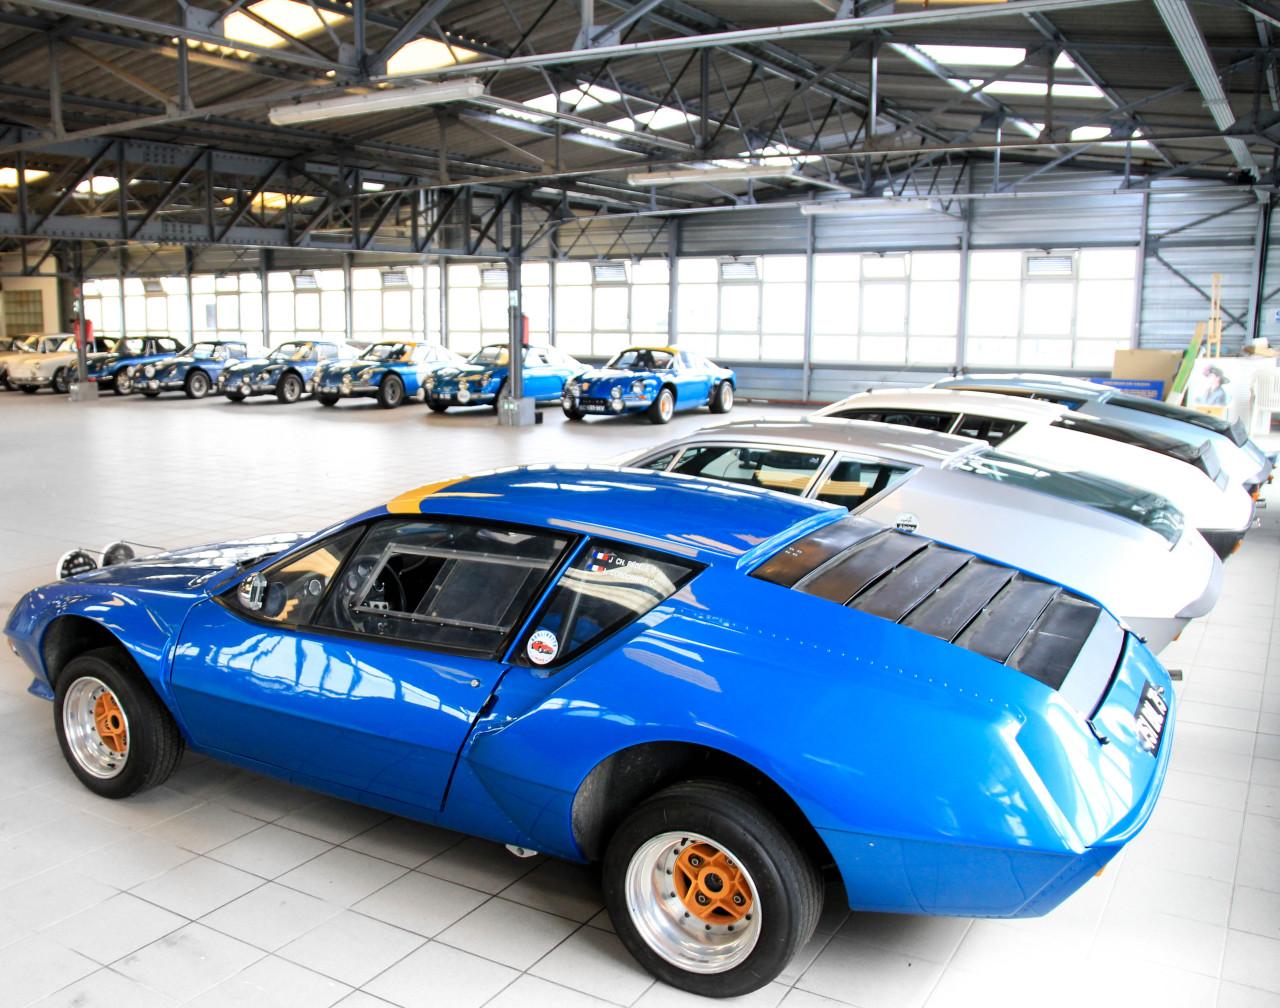 Top Alpine Renault : photos de l'incroyable collection Rédélé - L'argus GB15